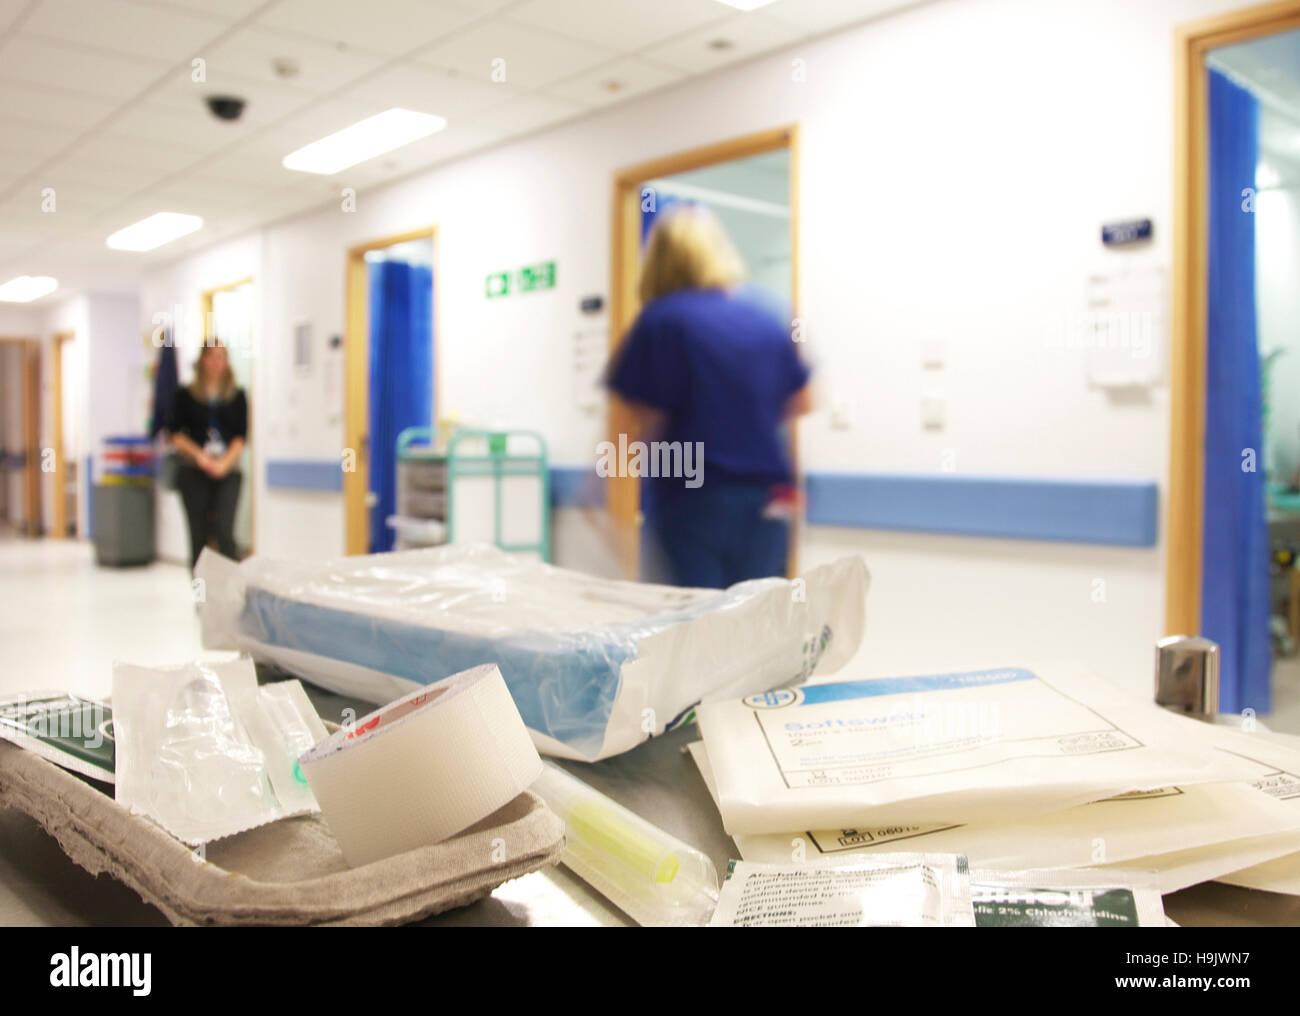 Beschäftigt Unfall- und Notaufnahme in einem britischen NHS Krankenhaus mit Bewegungsunschärfe von Krankenschwestern Stockbild